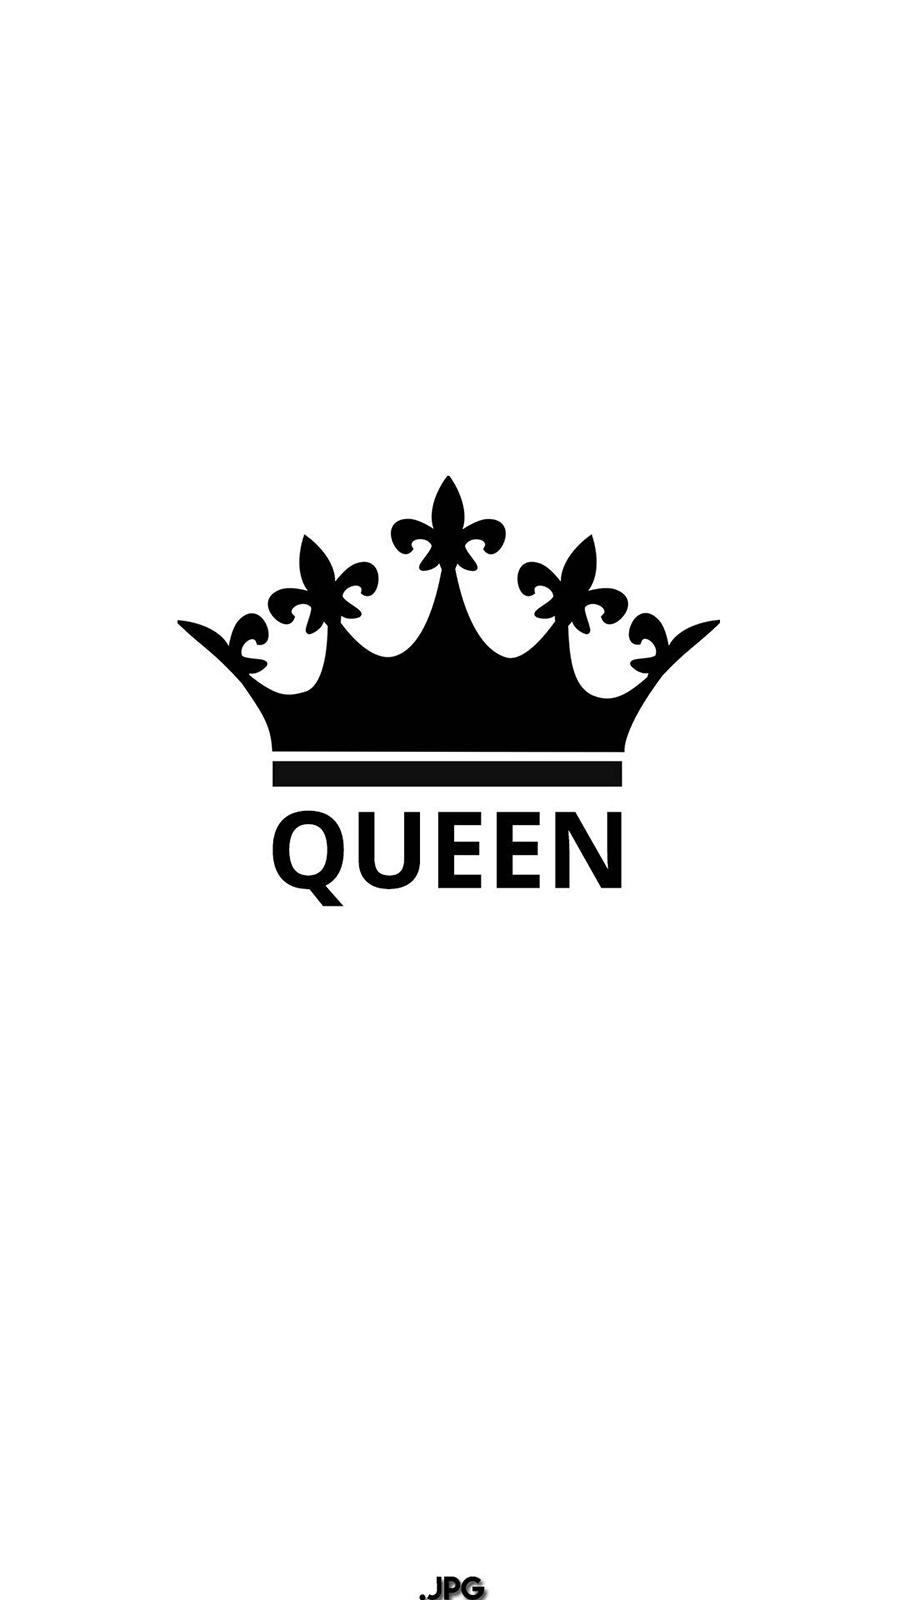 Best Queen Wallpapers For Phone & iPhone